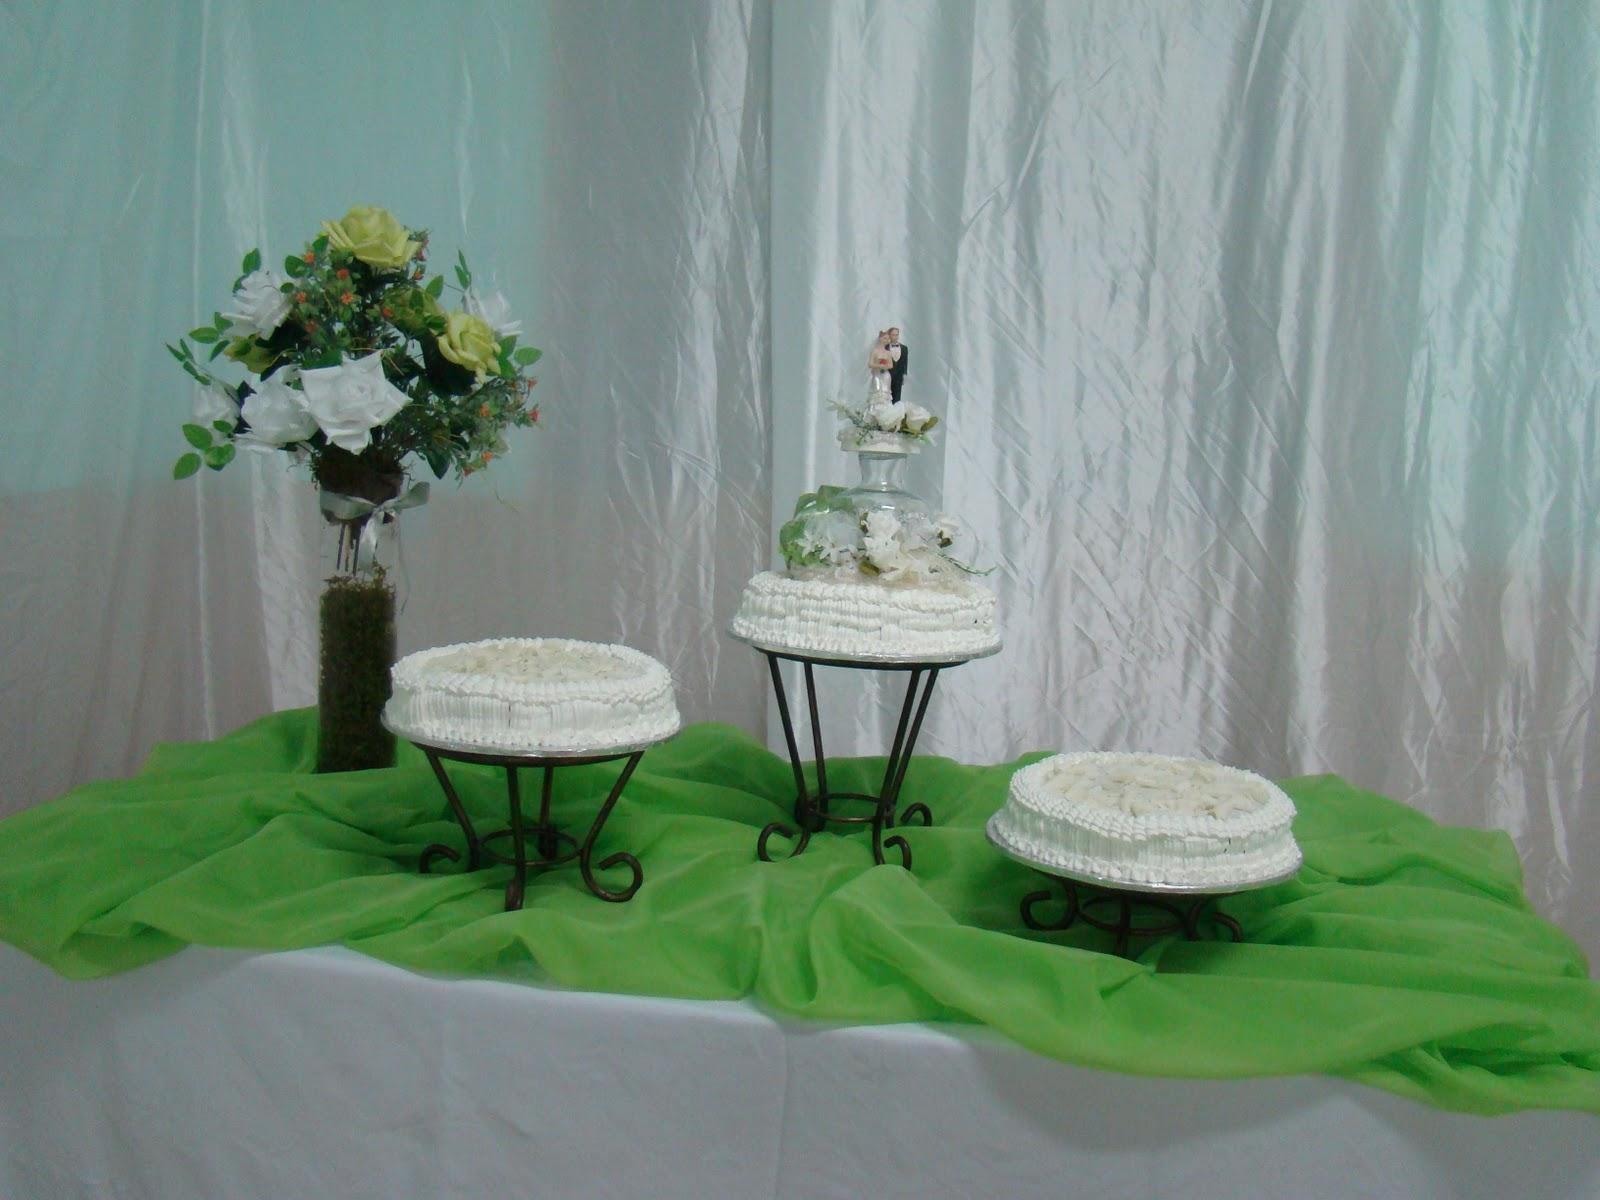 decoracao igreja branco e verde:Eventos e Cerimonial: Decoração de casamentos: verde limão